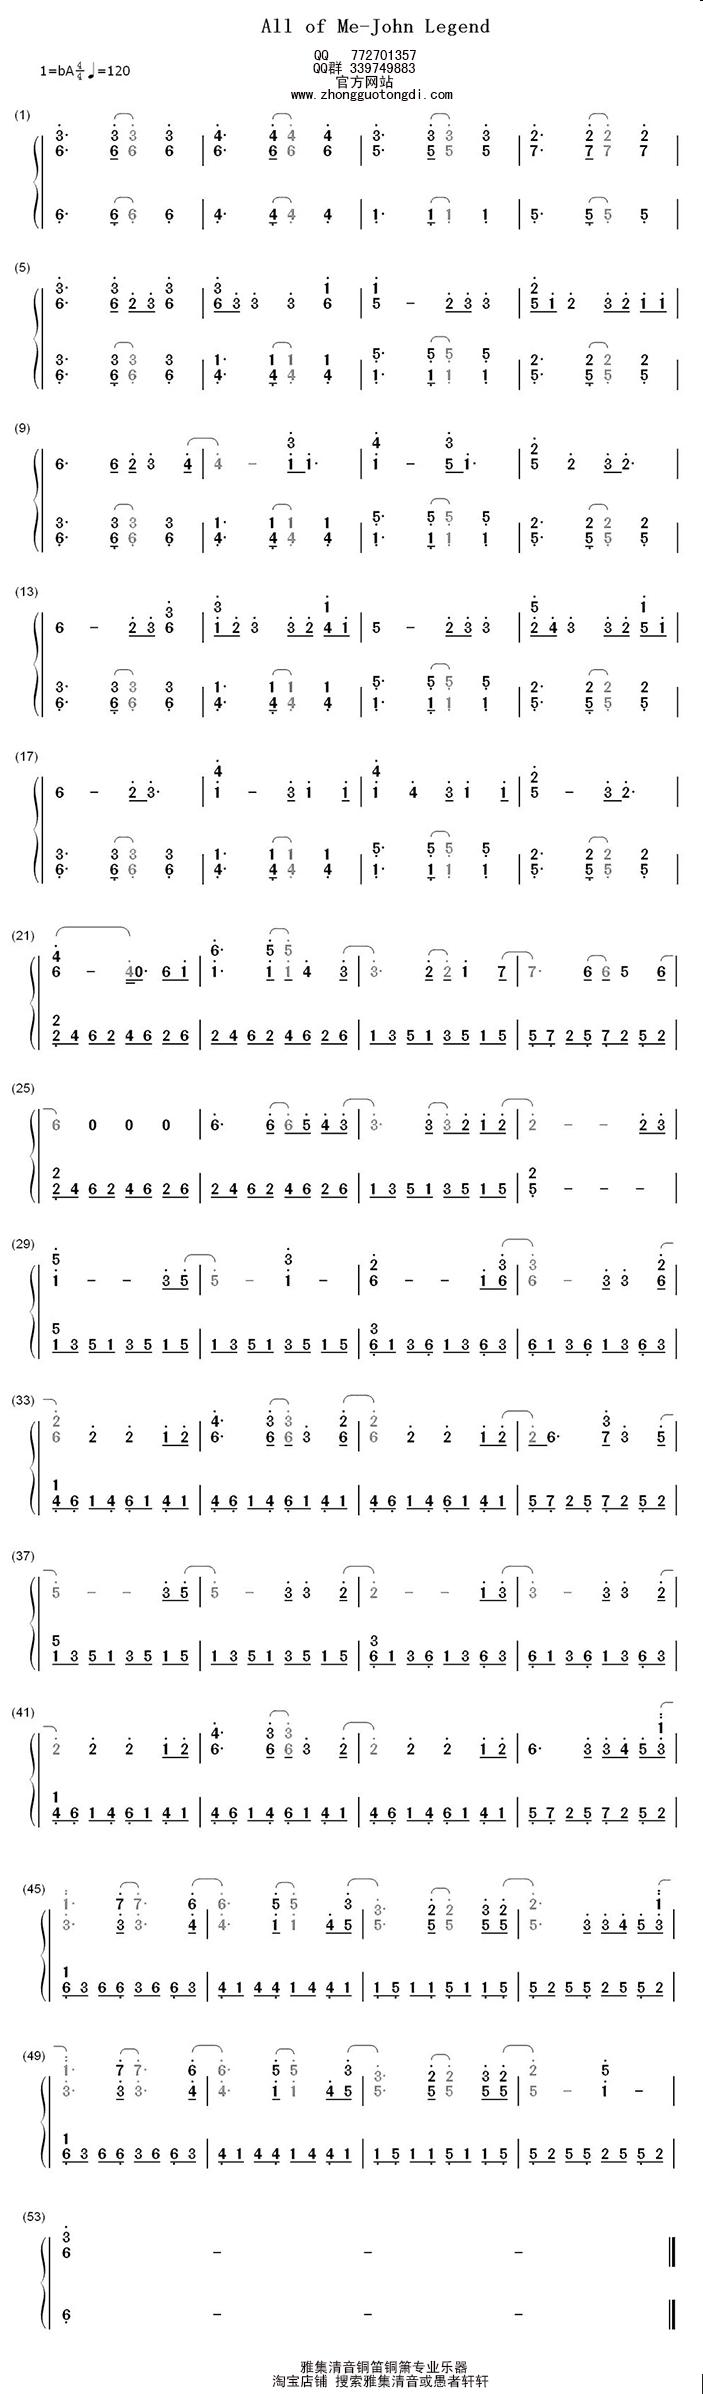 数字谱和钢琴谱都传上来了哦  雅集清音铜笛铜箫钢笛钢箫图片